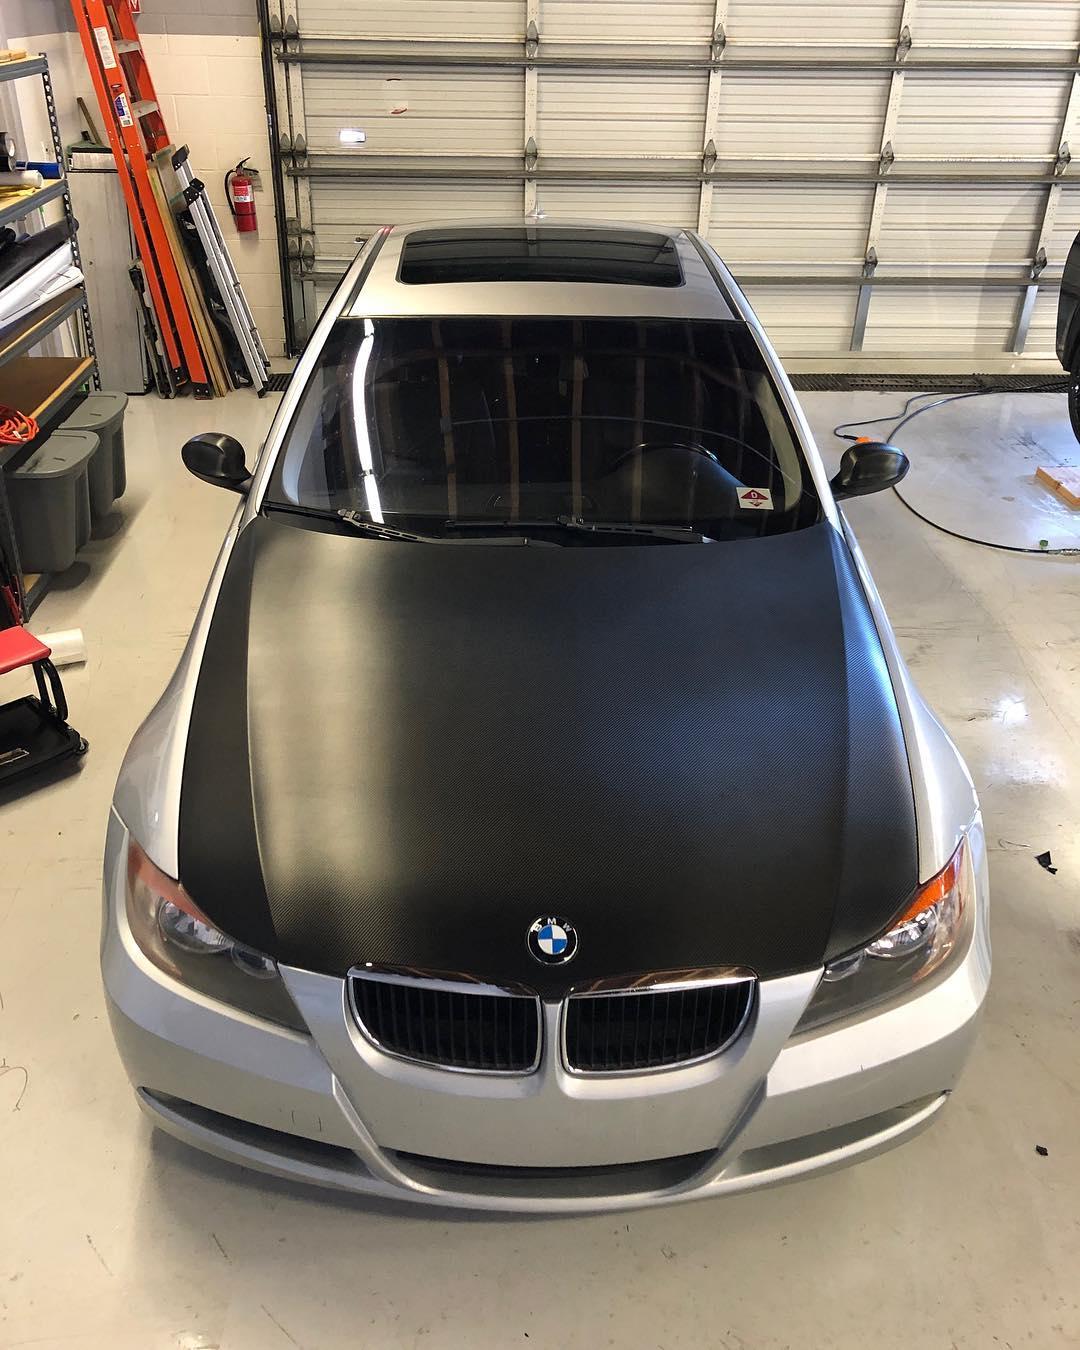 BMW hood wrap, textured vinyl